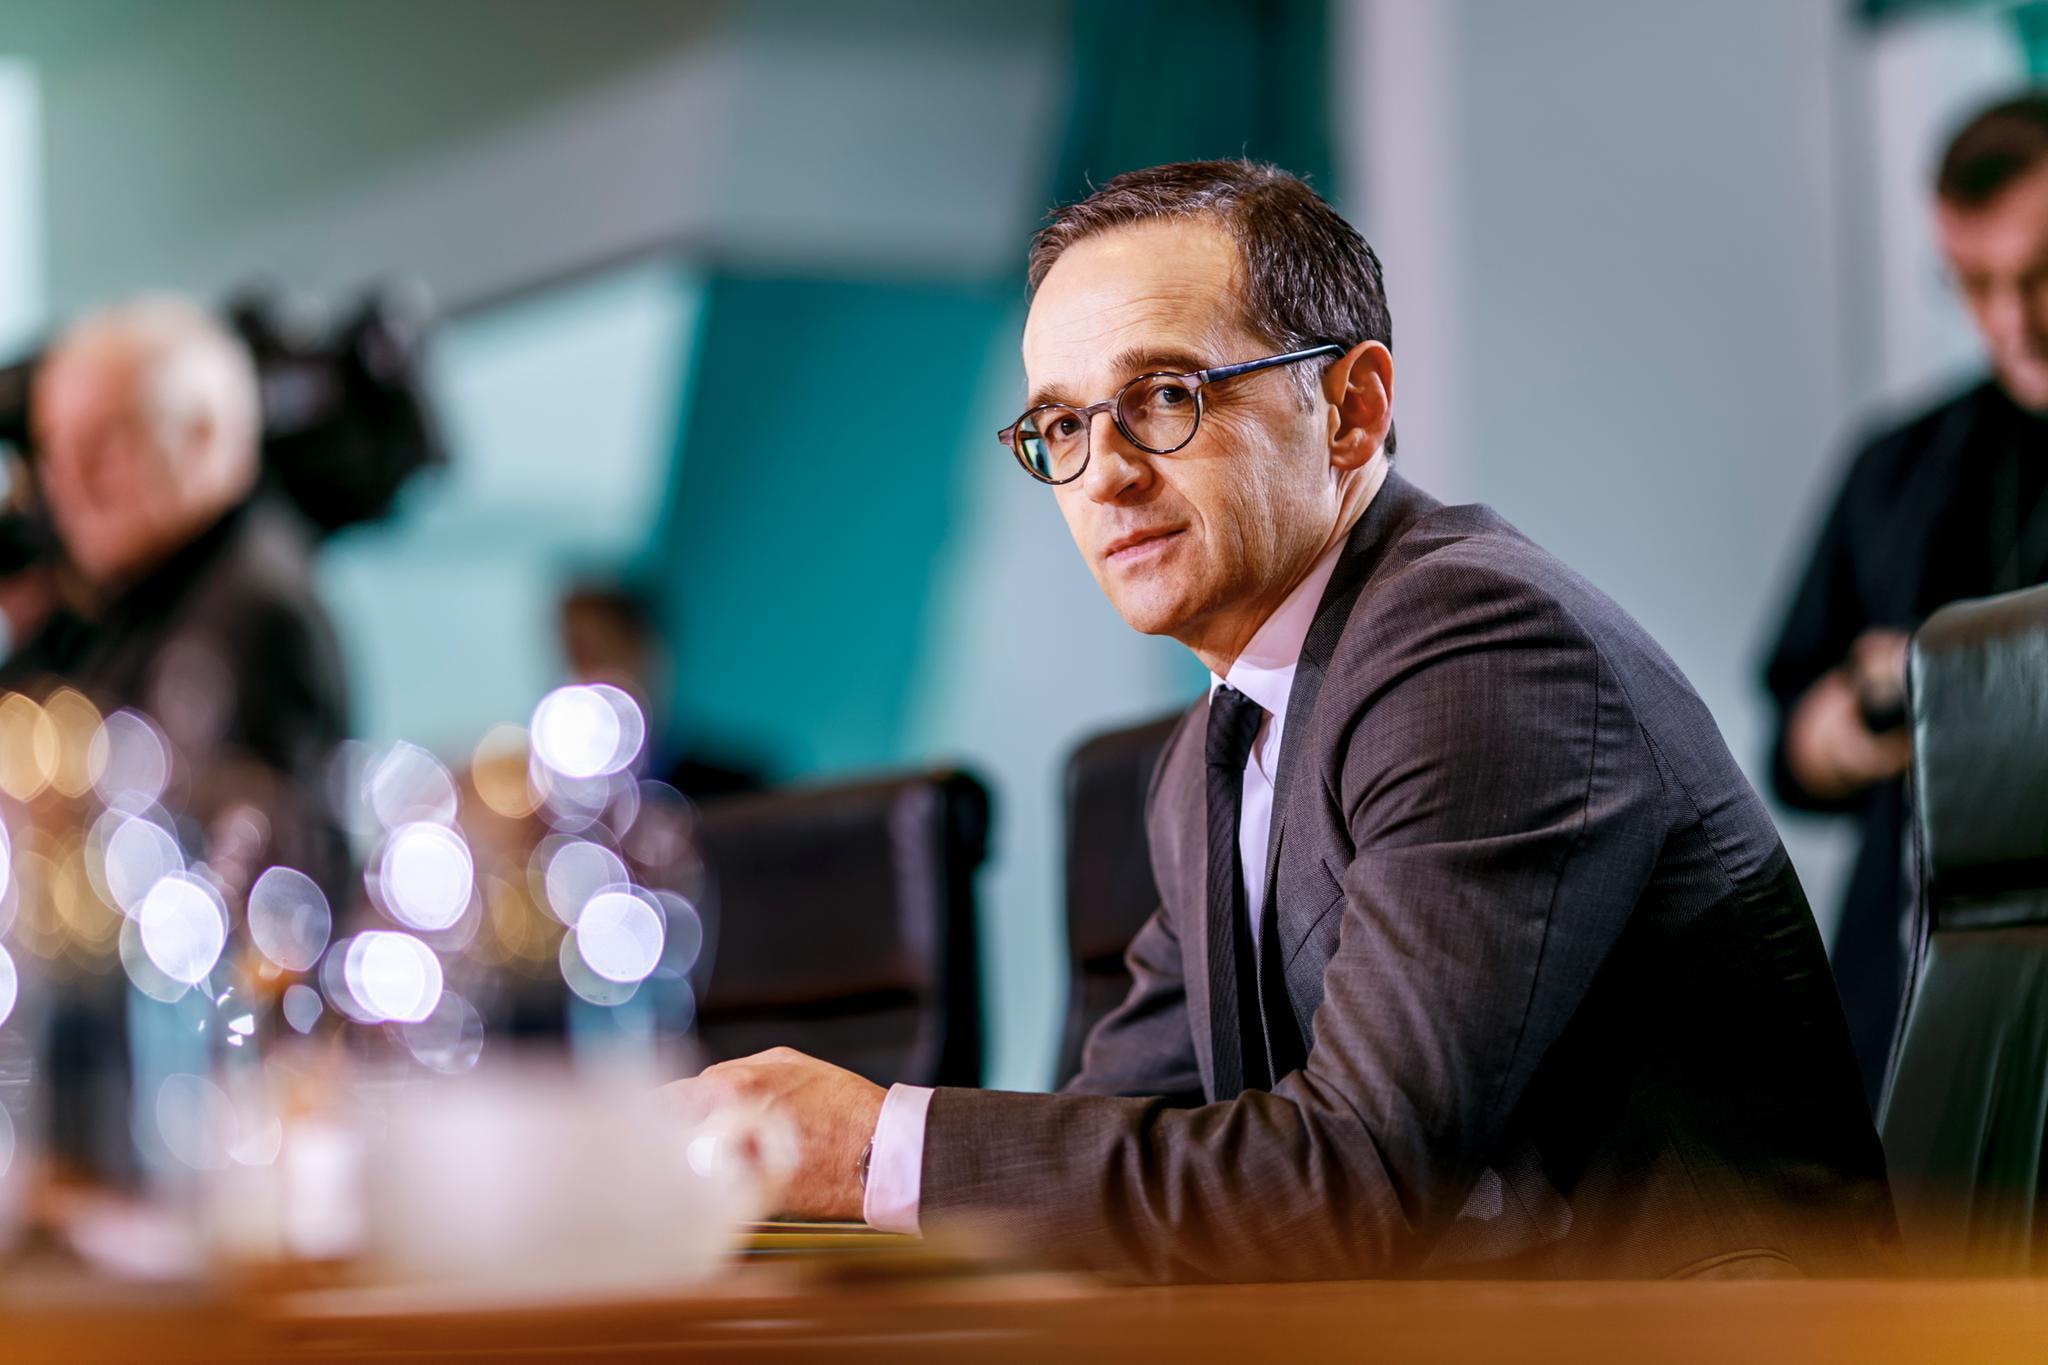 Der neue Außenminister Heiko Maas